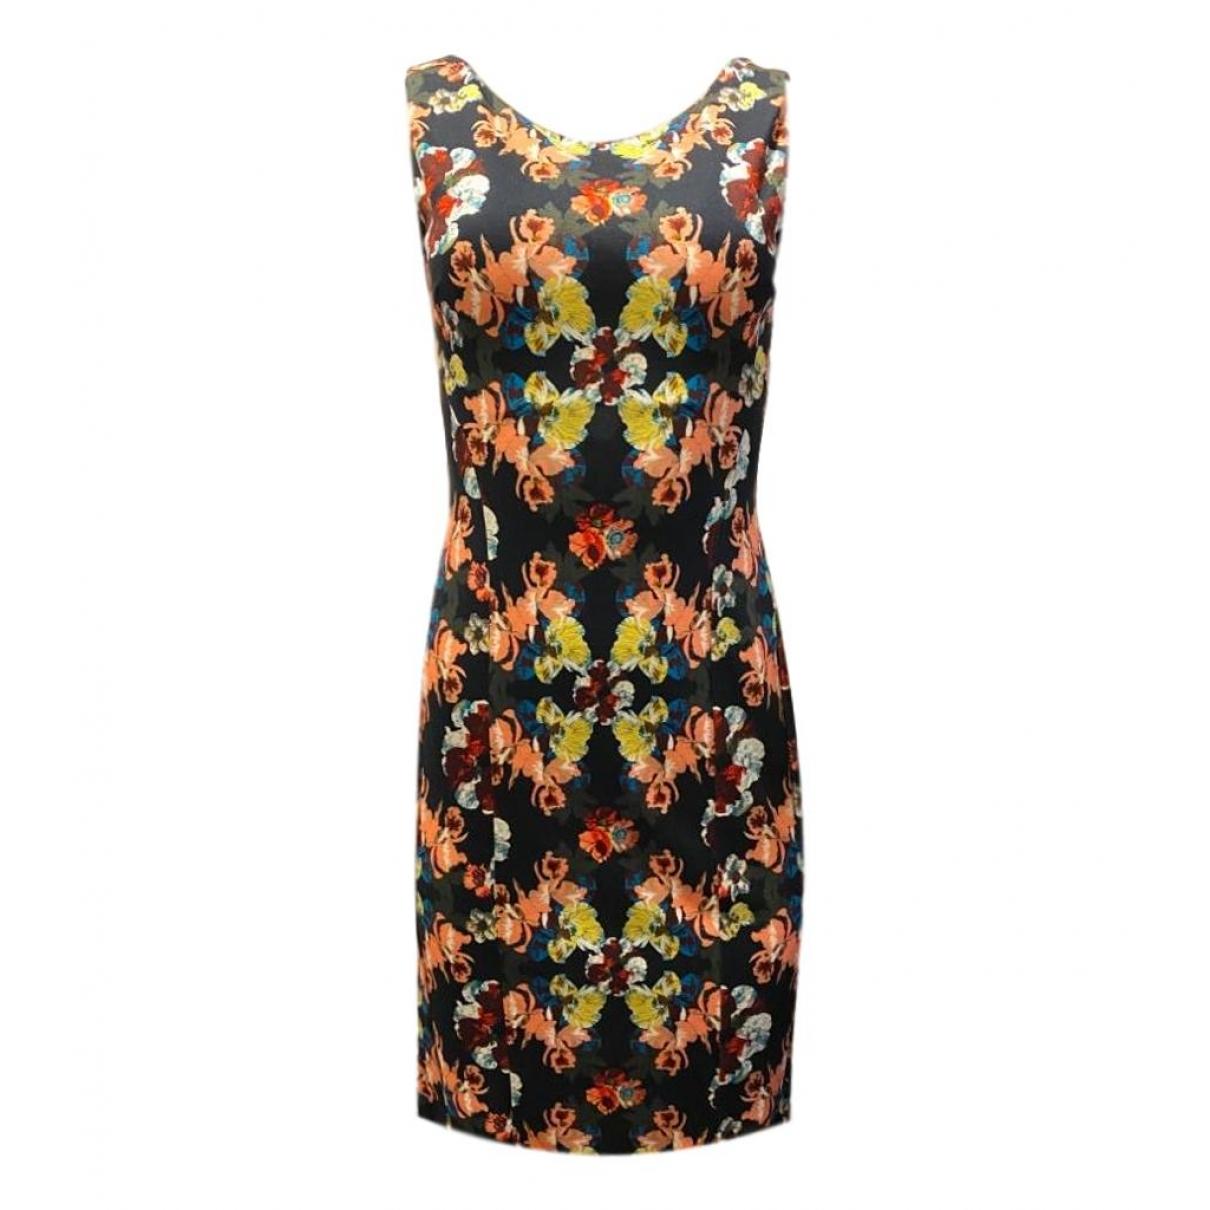 Erdem \N Kleid in  Bunt Synthetik